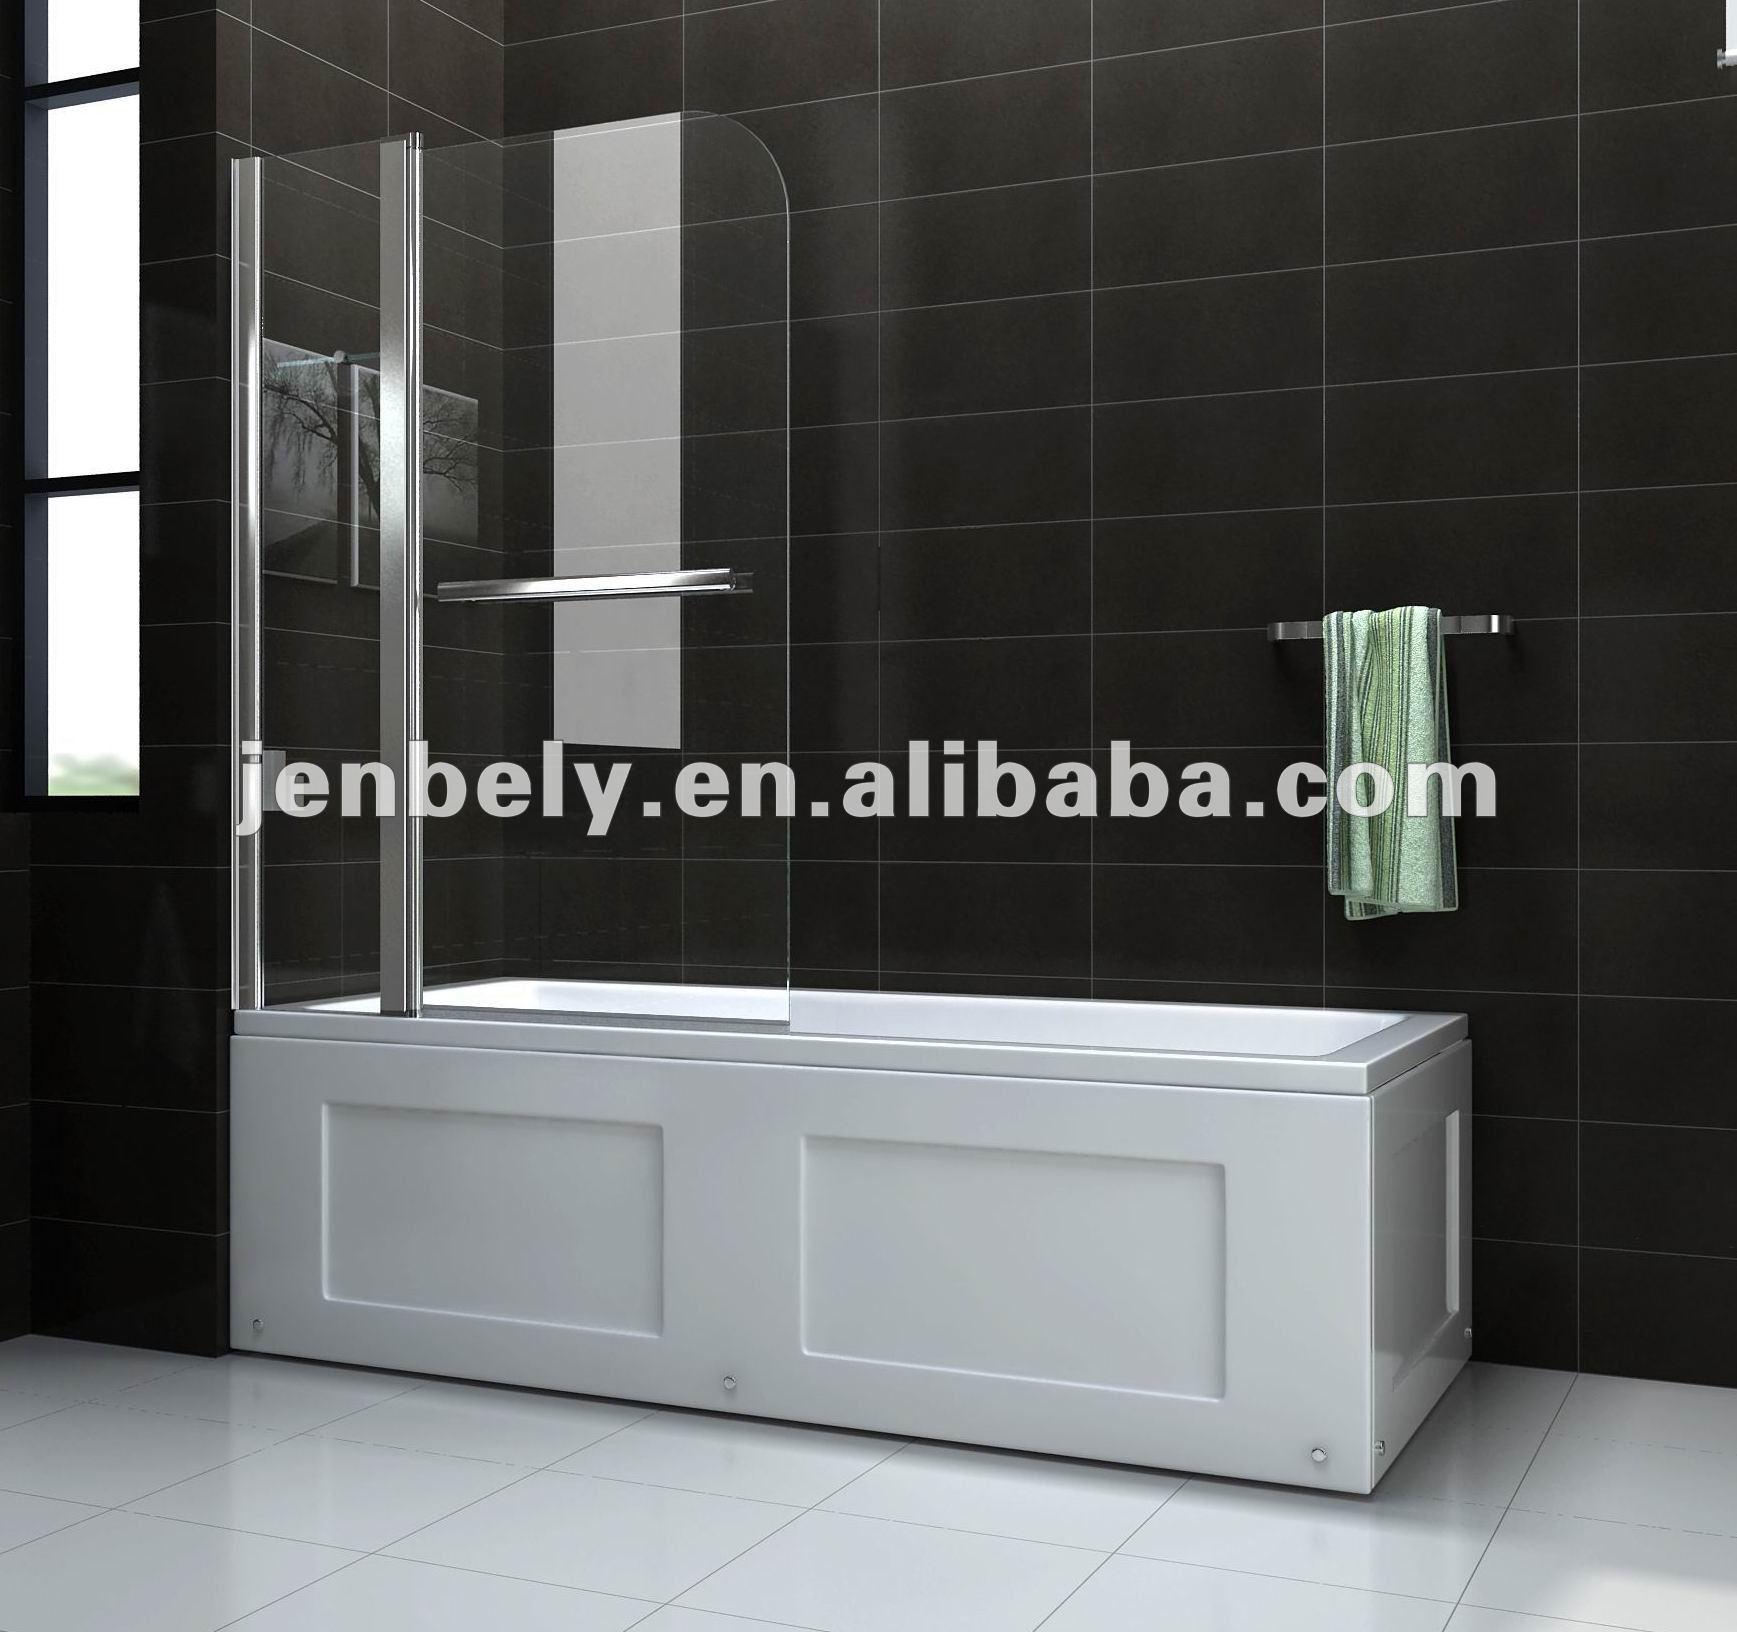 vetro vasca da bagno vasca da bagno schermo-Bagno con doccia schermo ...